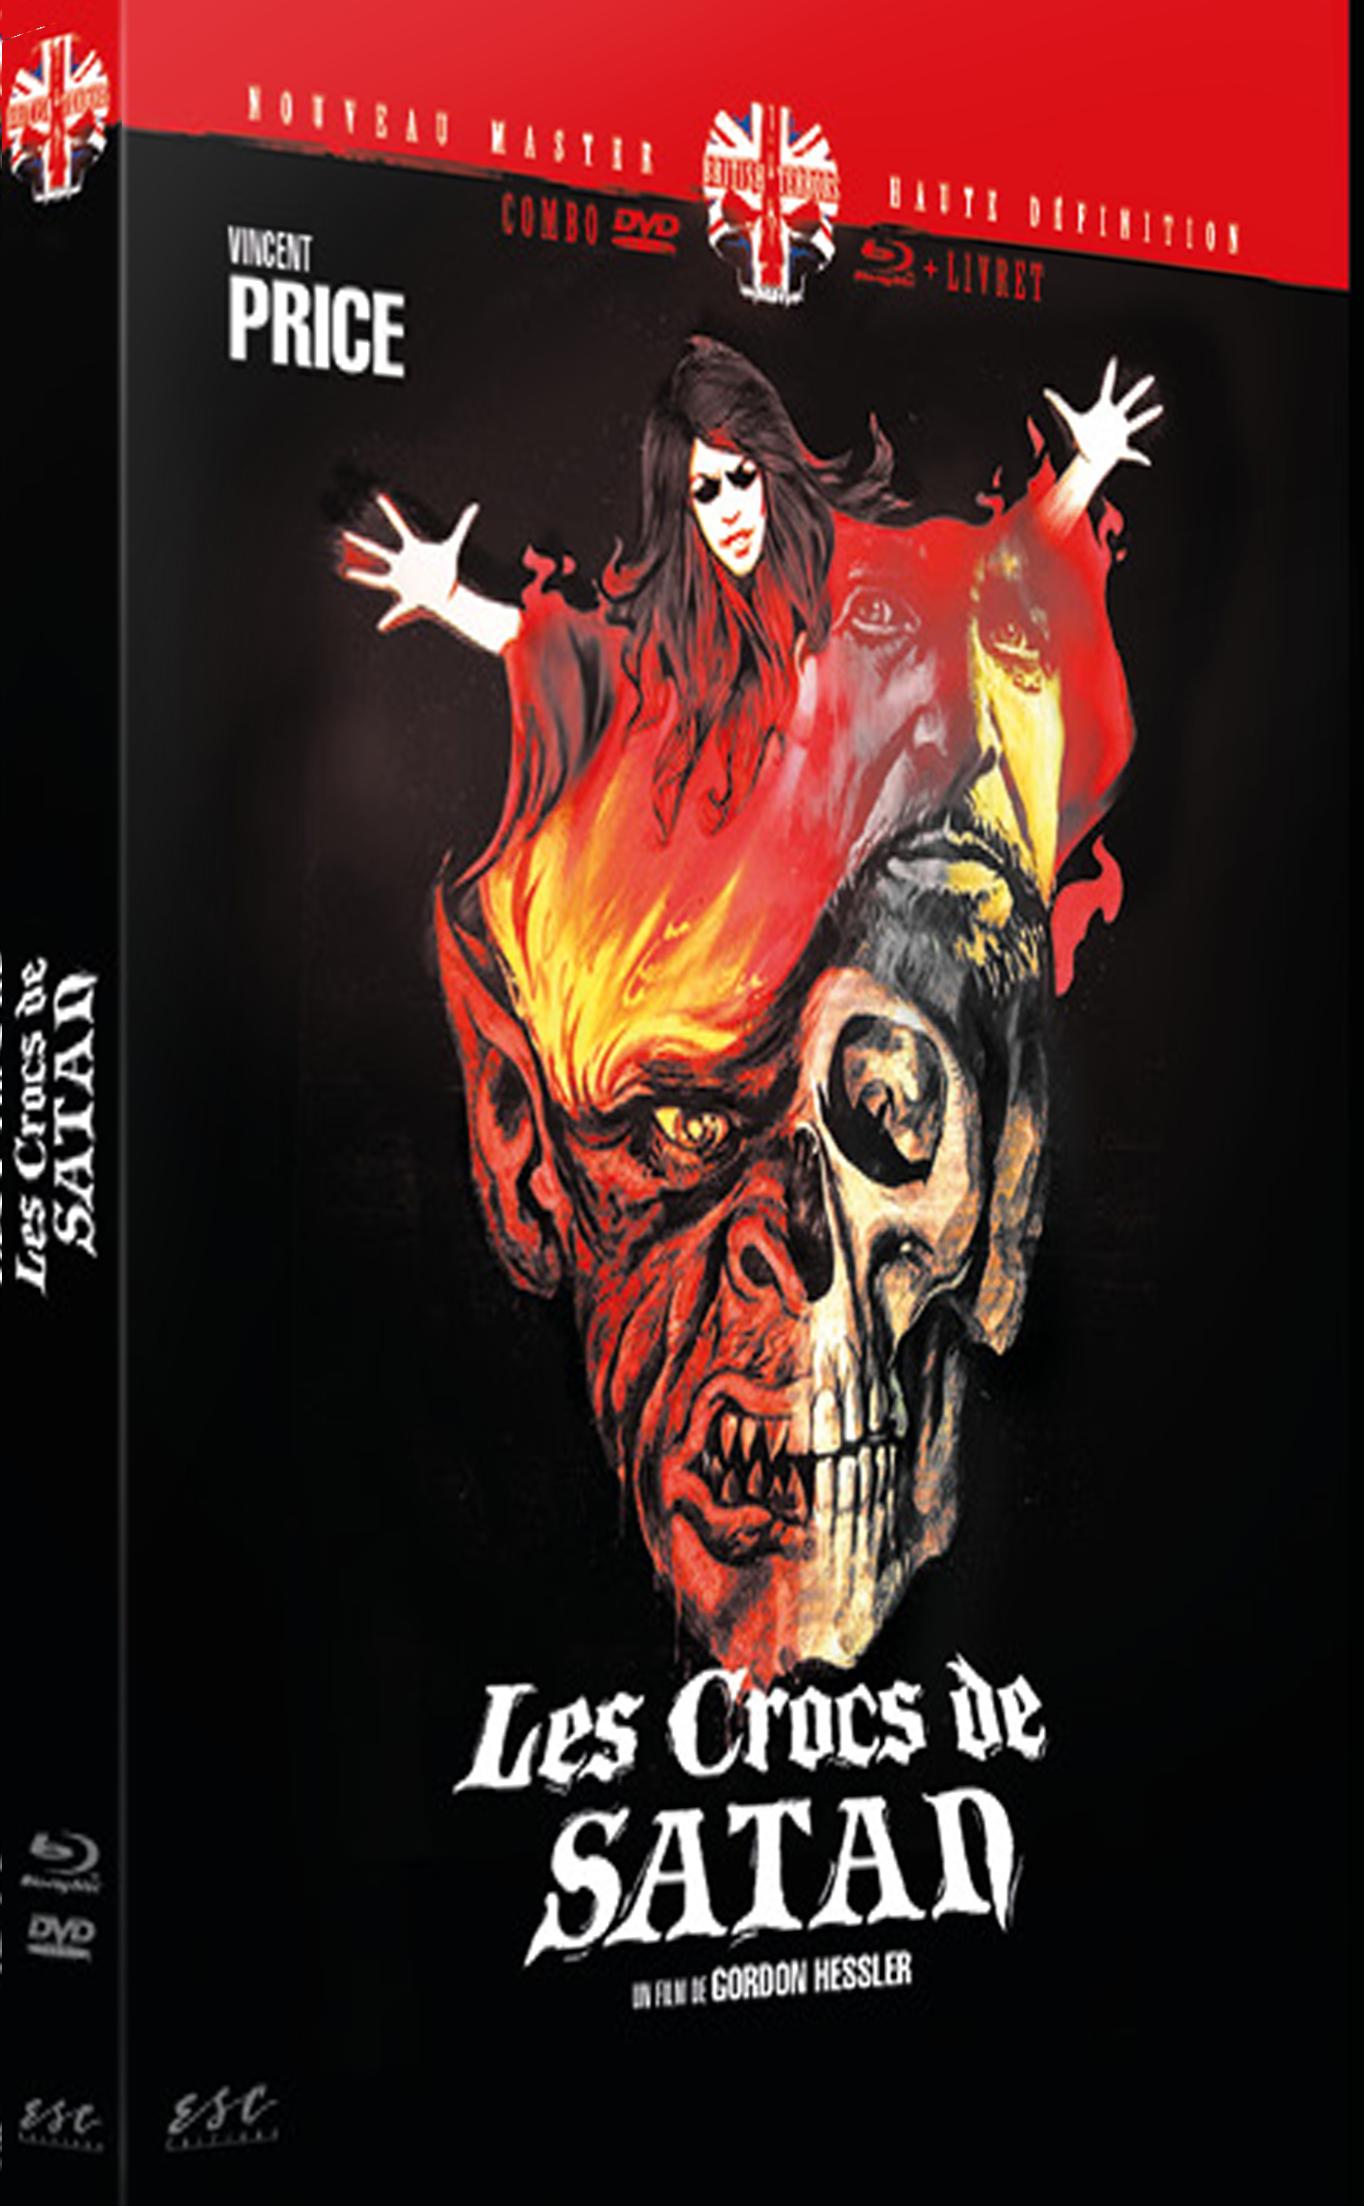 LES CROCS DE SATAN (CRY OF THE BANSHEE) - BRD + DVD